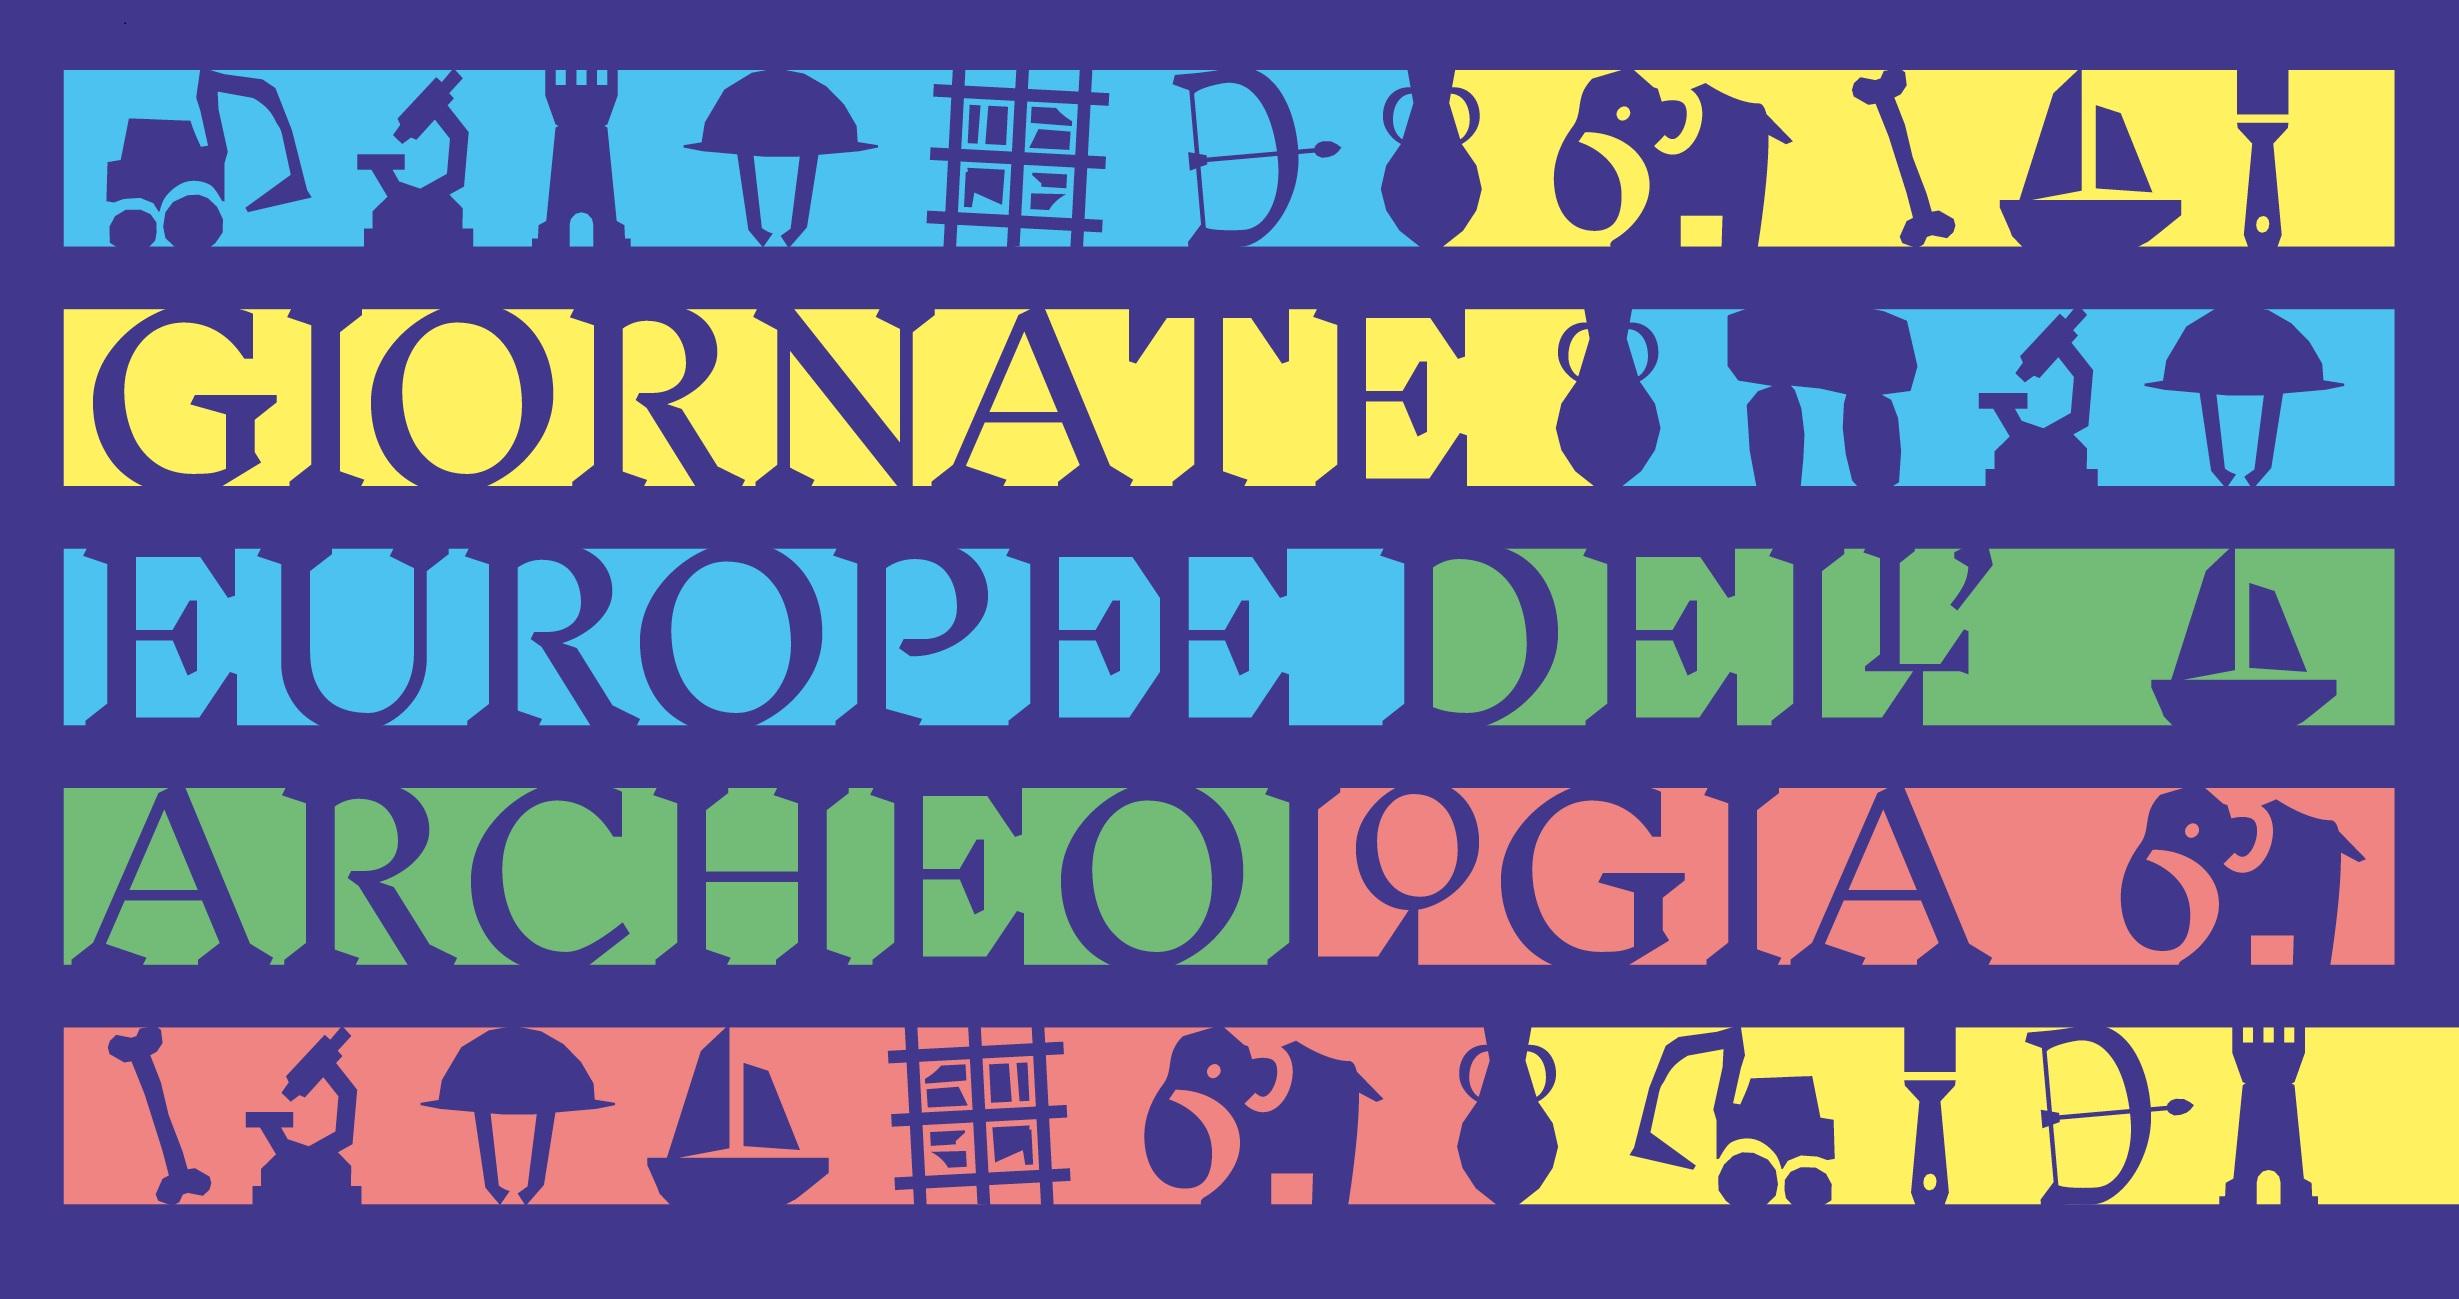 giornate-europee-dell-archeologia_logo-per-l-italia